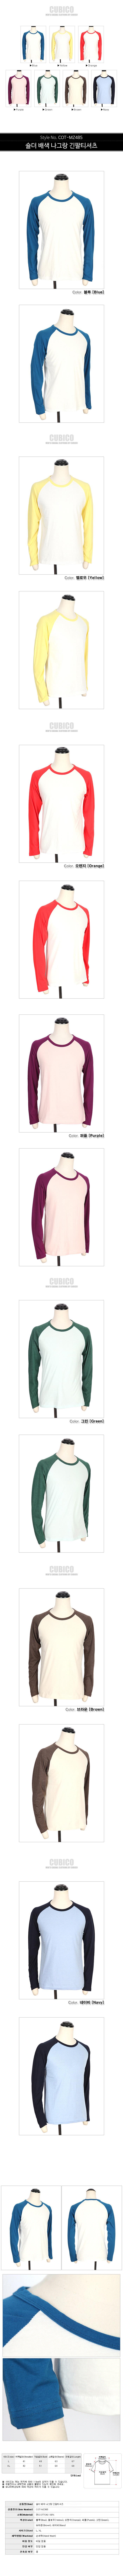 무지 긴팔 나그랑 티셔츠 COT-MB308 - 쿠비코, 13,800원, 상의, 긴팔티셔츠